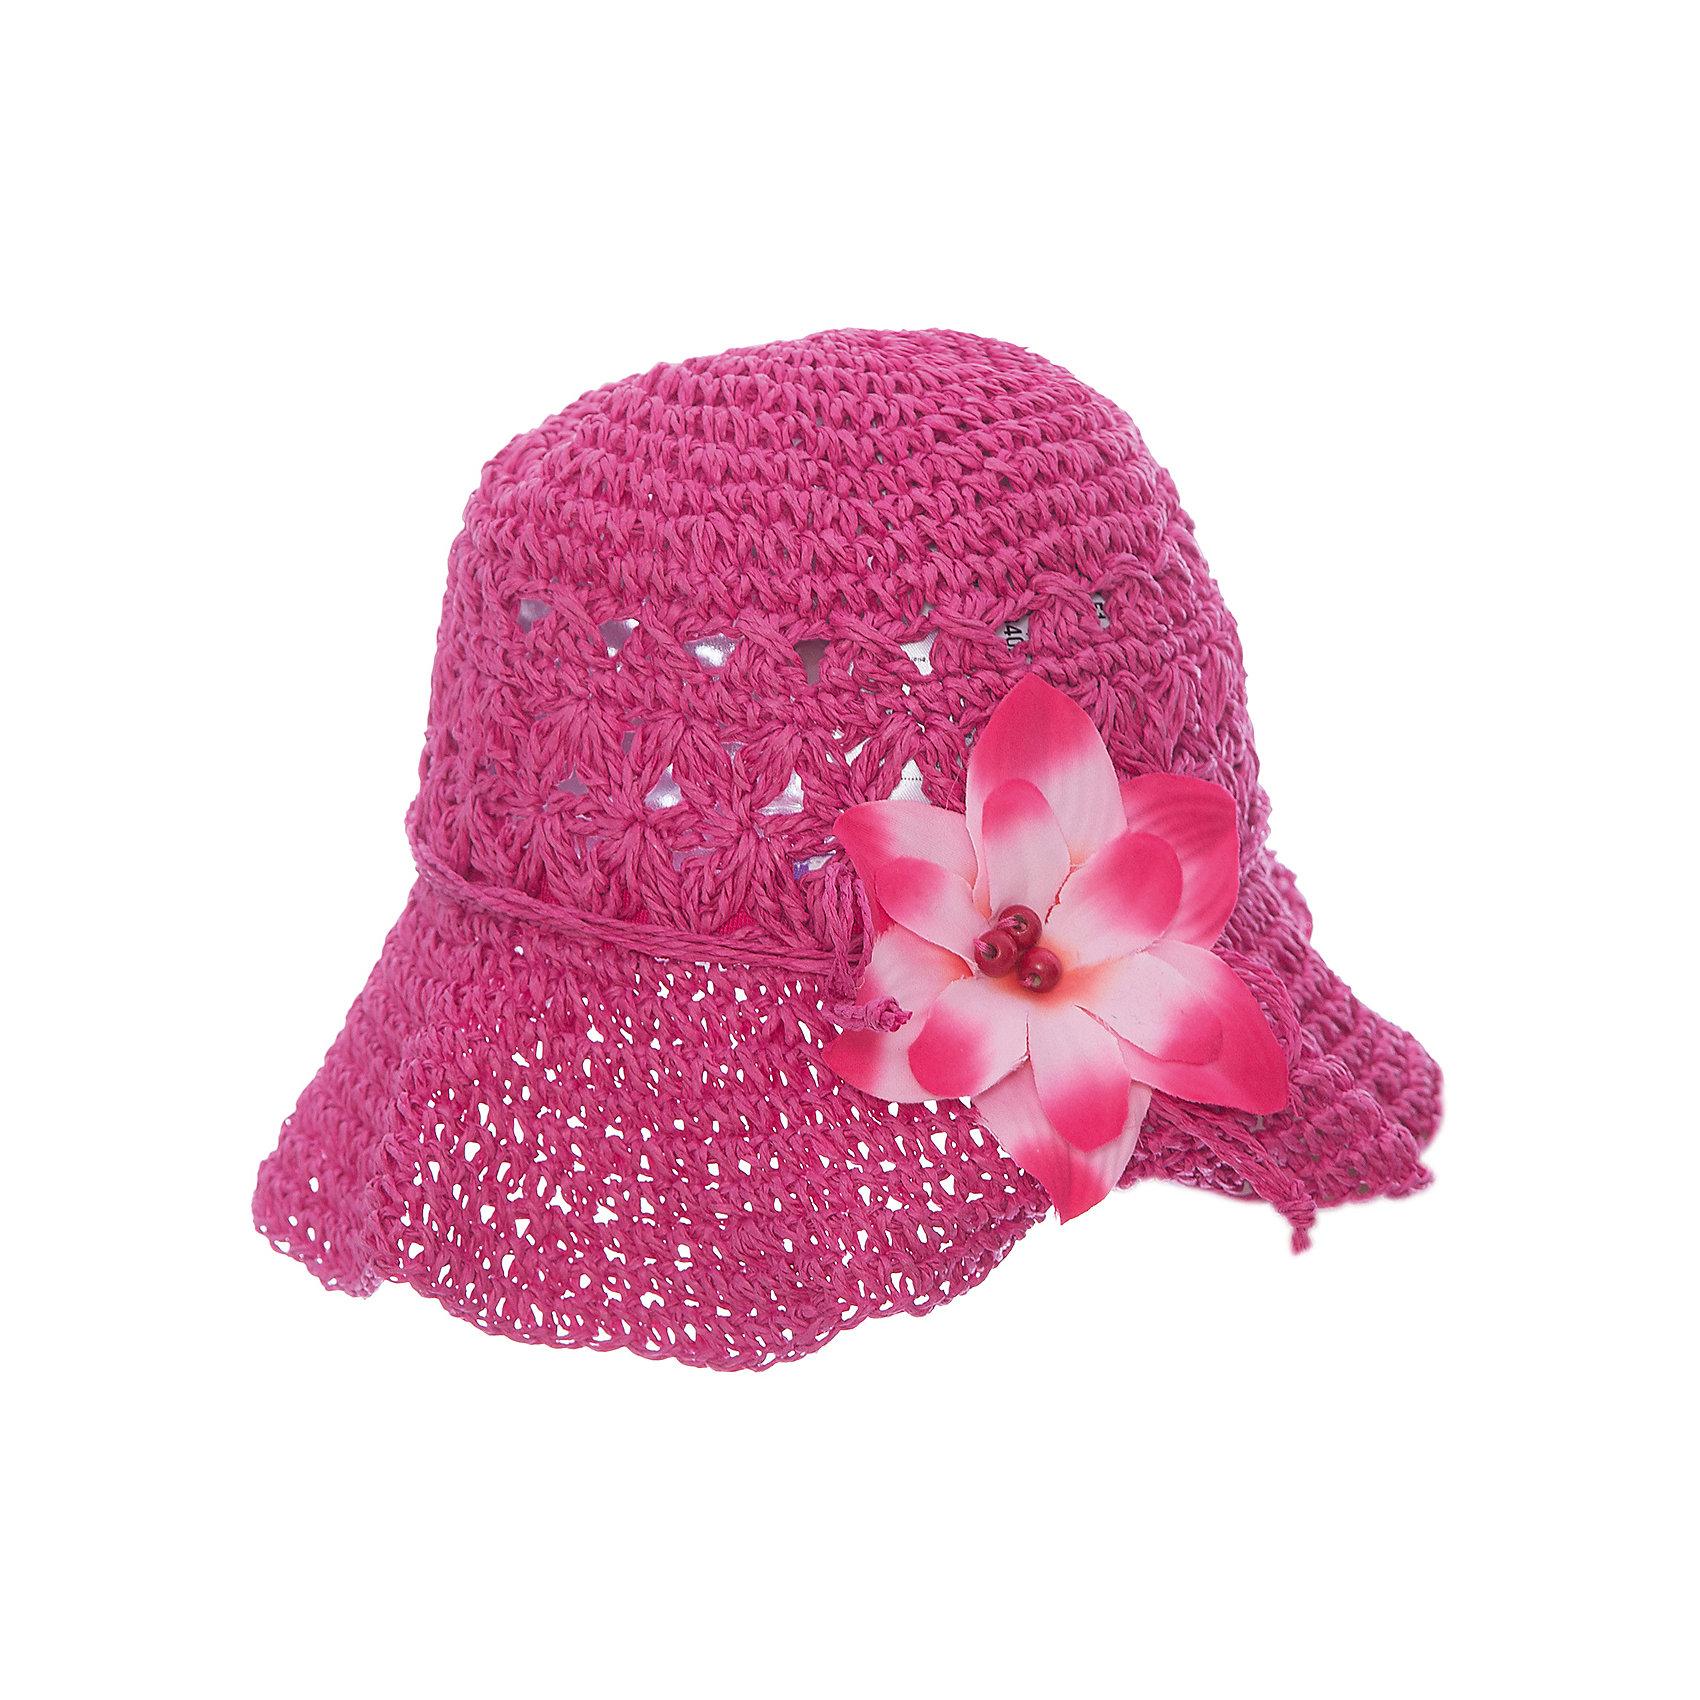 Панама для девочки PlayTodayГоловные уборы<br>Панама для девочки PlayToday <br><br>Состав: 100% целлюлоза <br><br>Элегантная шляпа-панама из искусственной соломы <br>Широкие поля <br>Устойчива к деформации, что позволяет сложить ее и носить в сумке <br>Надежно защитит голову ребенка от перегревания, а глаза от попадания прямого солнечного света <br>Расцветка – фуксия <br>Декорирована искусственным цветком<br><br>Ширина мм: 89<br>Глубина мм: 117<br>Высота мм: 44<br>Вес г: 155<br>Цвет: разноцветный<br>Возраст от месяцев: 60<br>Возраст до месяцев: 84<br>Пол: Женский<br>Возраст: Детский<br>Размер: 52,54,50<br>SKU: 4503401